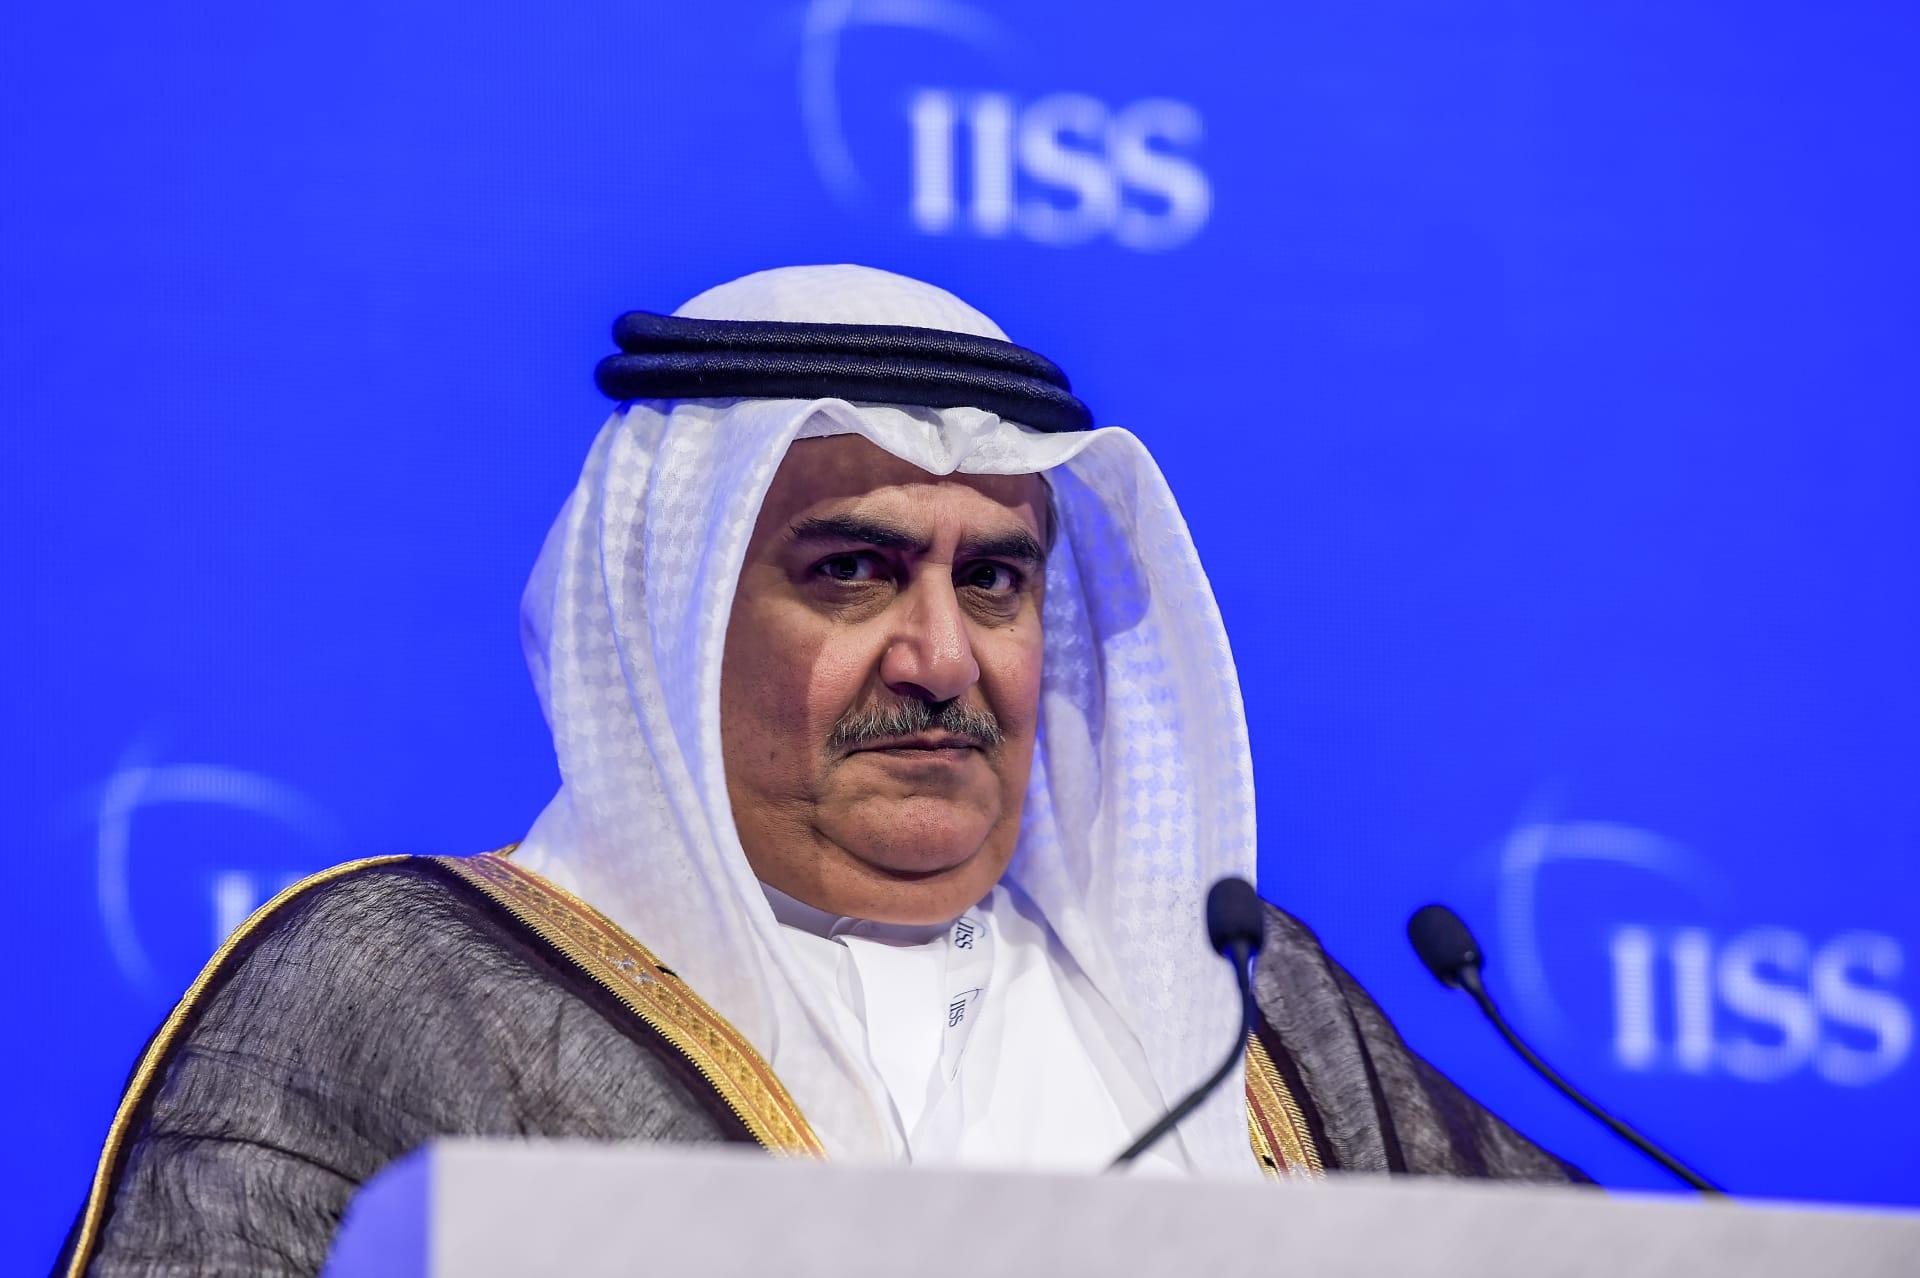 """نائب بحريني سابق يستنكر كلمة رئيسة البرلمان حول """"القدس الشرقية"""".. ووزير الخارجية يرد"""